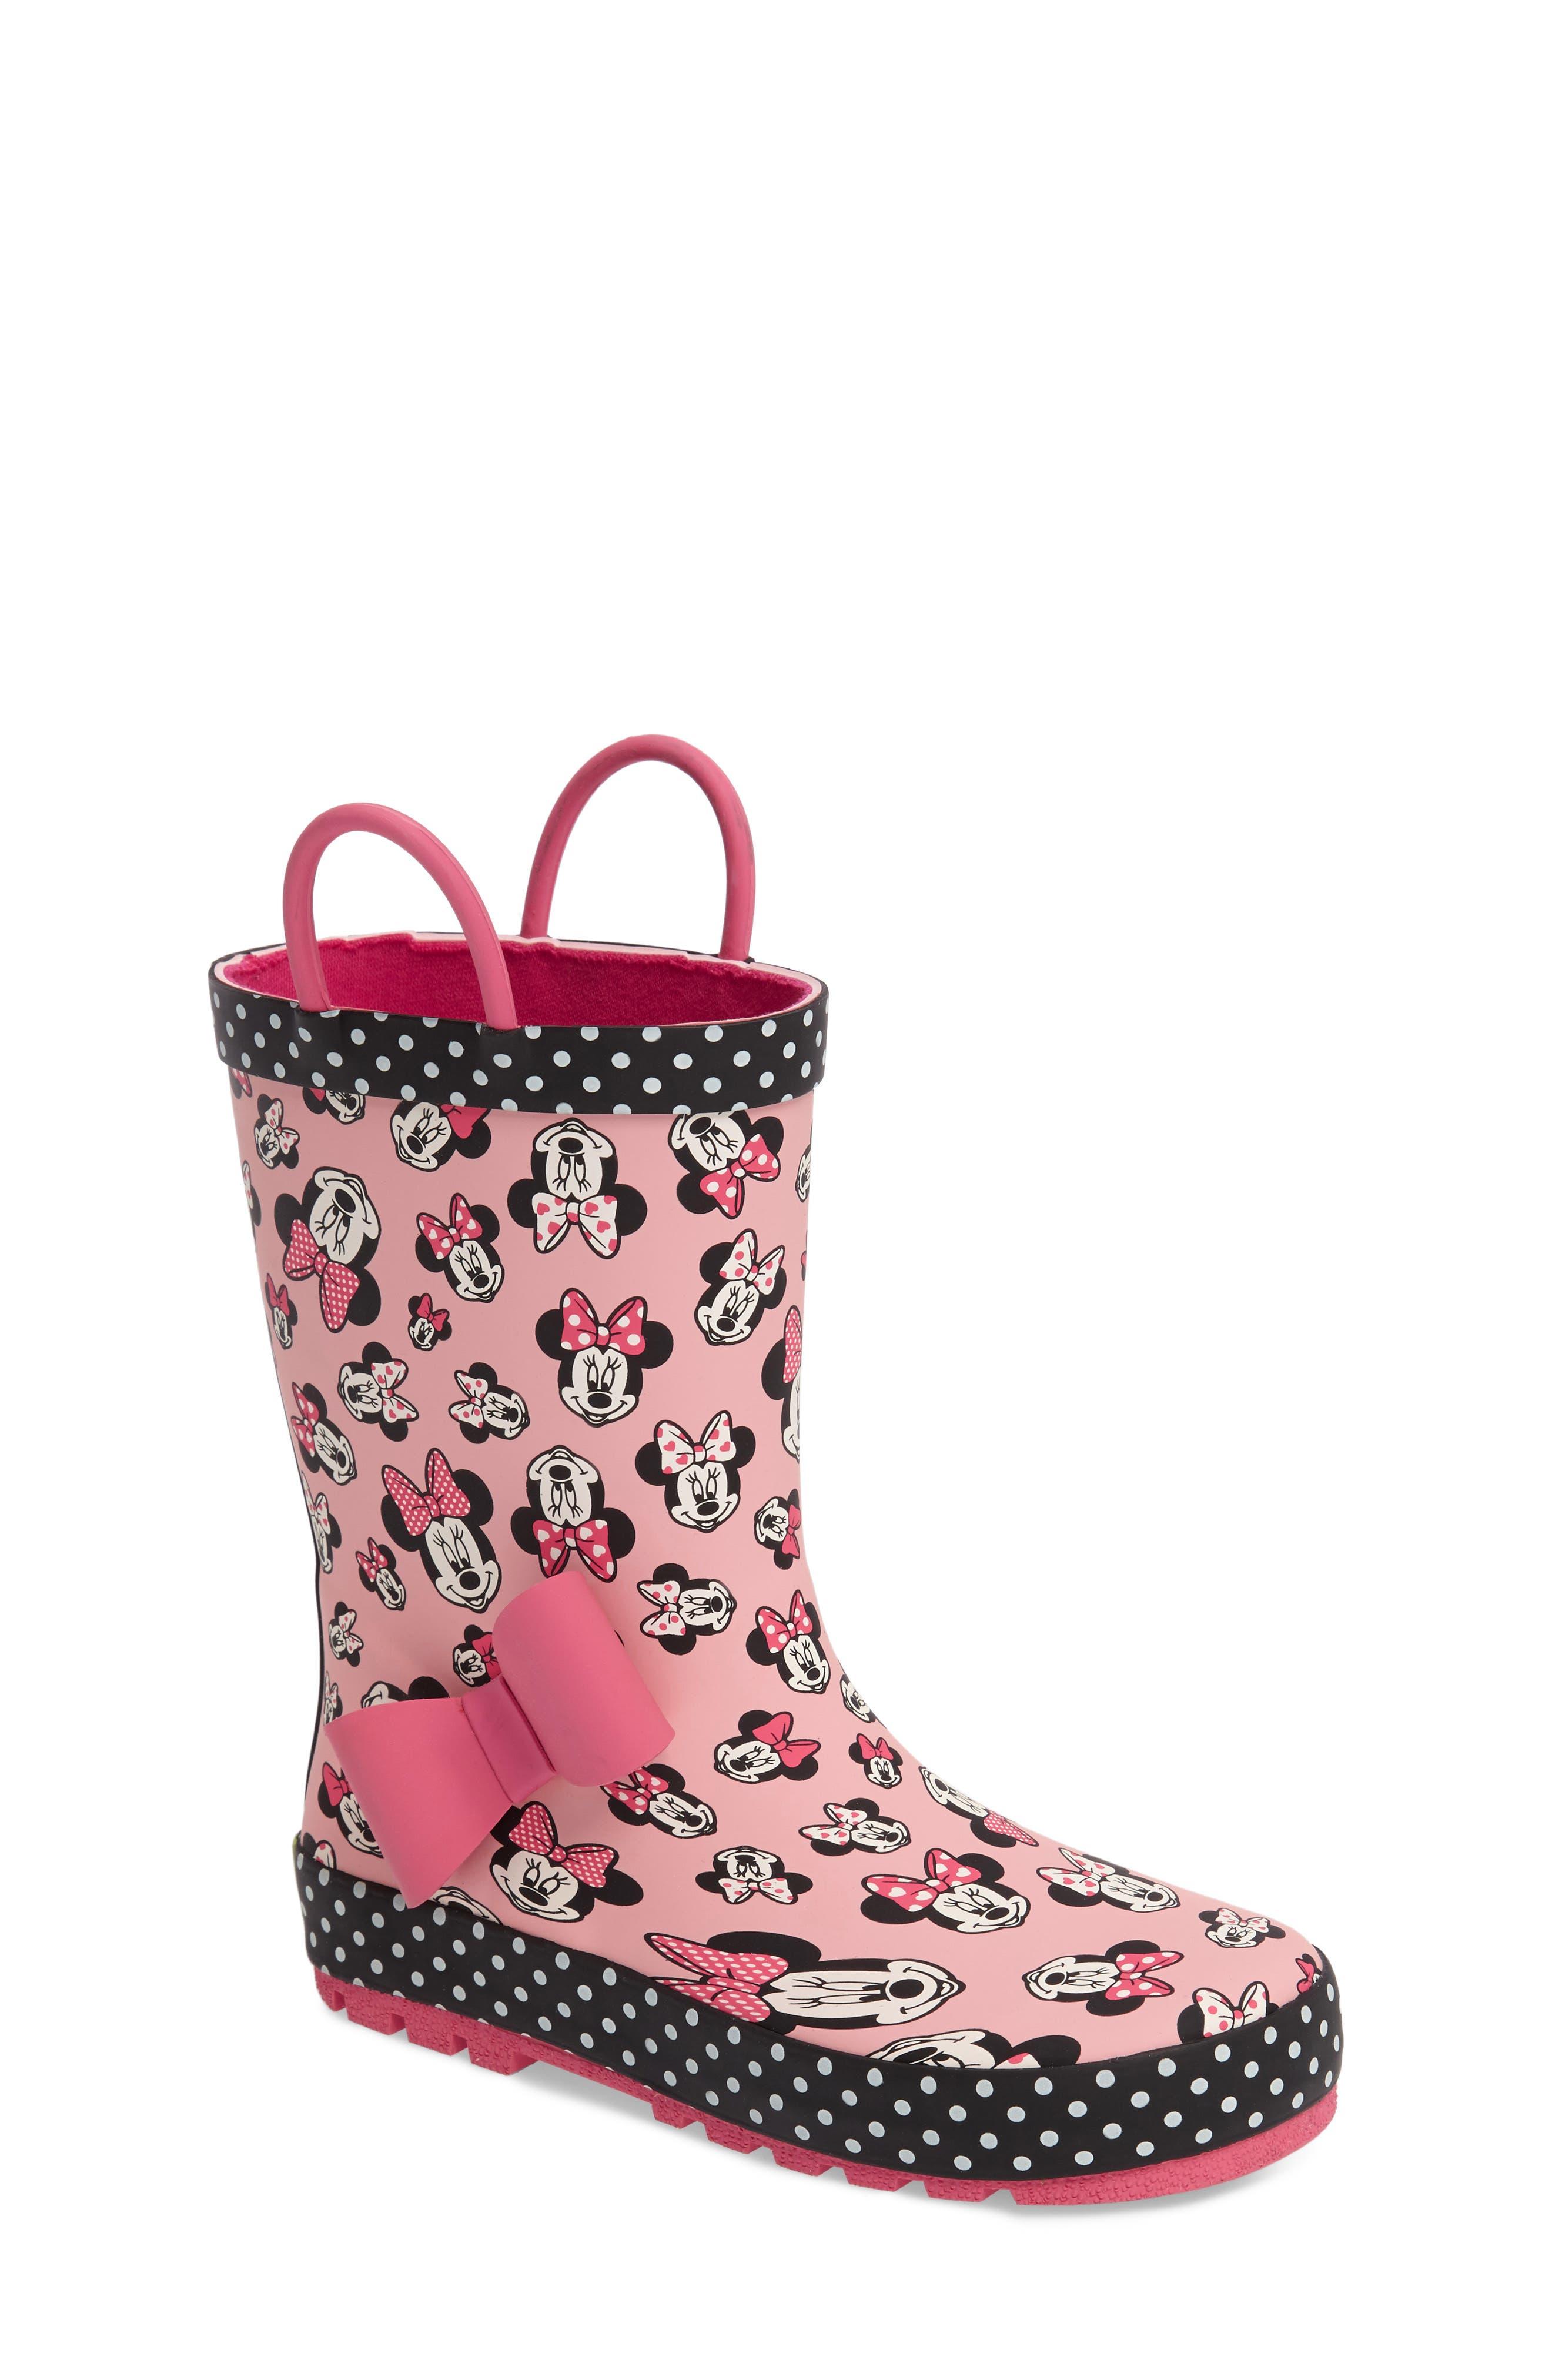 Alternate Image 1 Selected - Western Chief Disney® Minnie Mouse Waterproof Rain Boot (Walker, Toddler, Little Kid & Big Kid)